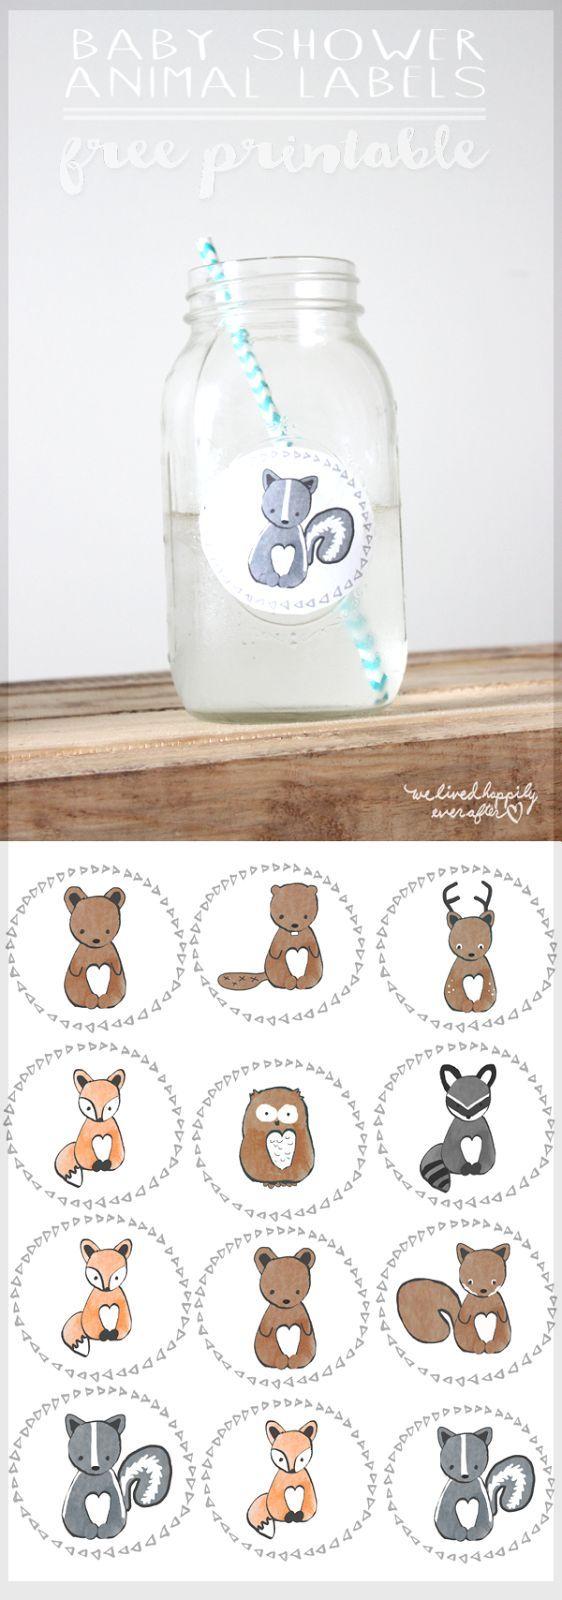 Free Forest Animal Mason Jar Baby Shower Label Printables   We Lived Happily Ever After   Bloglovin'